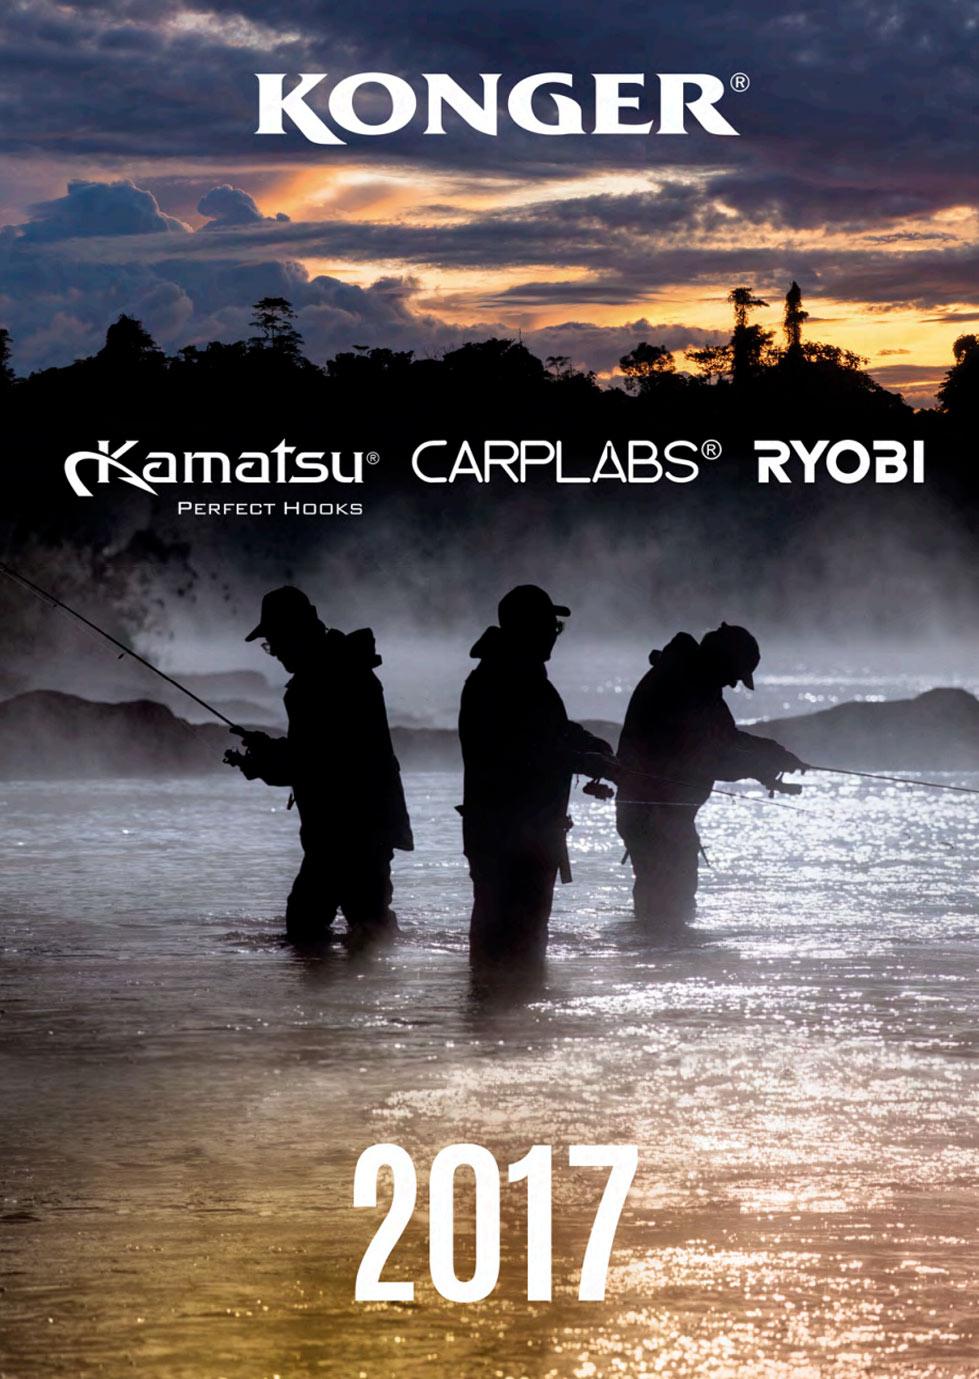 Konger Katalog 2017